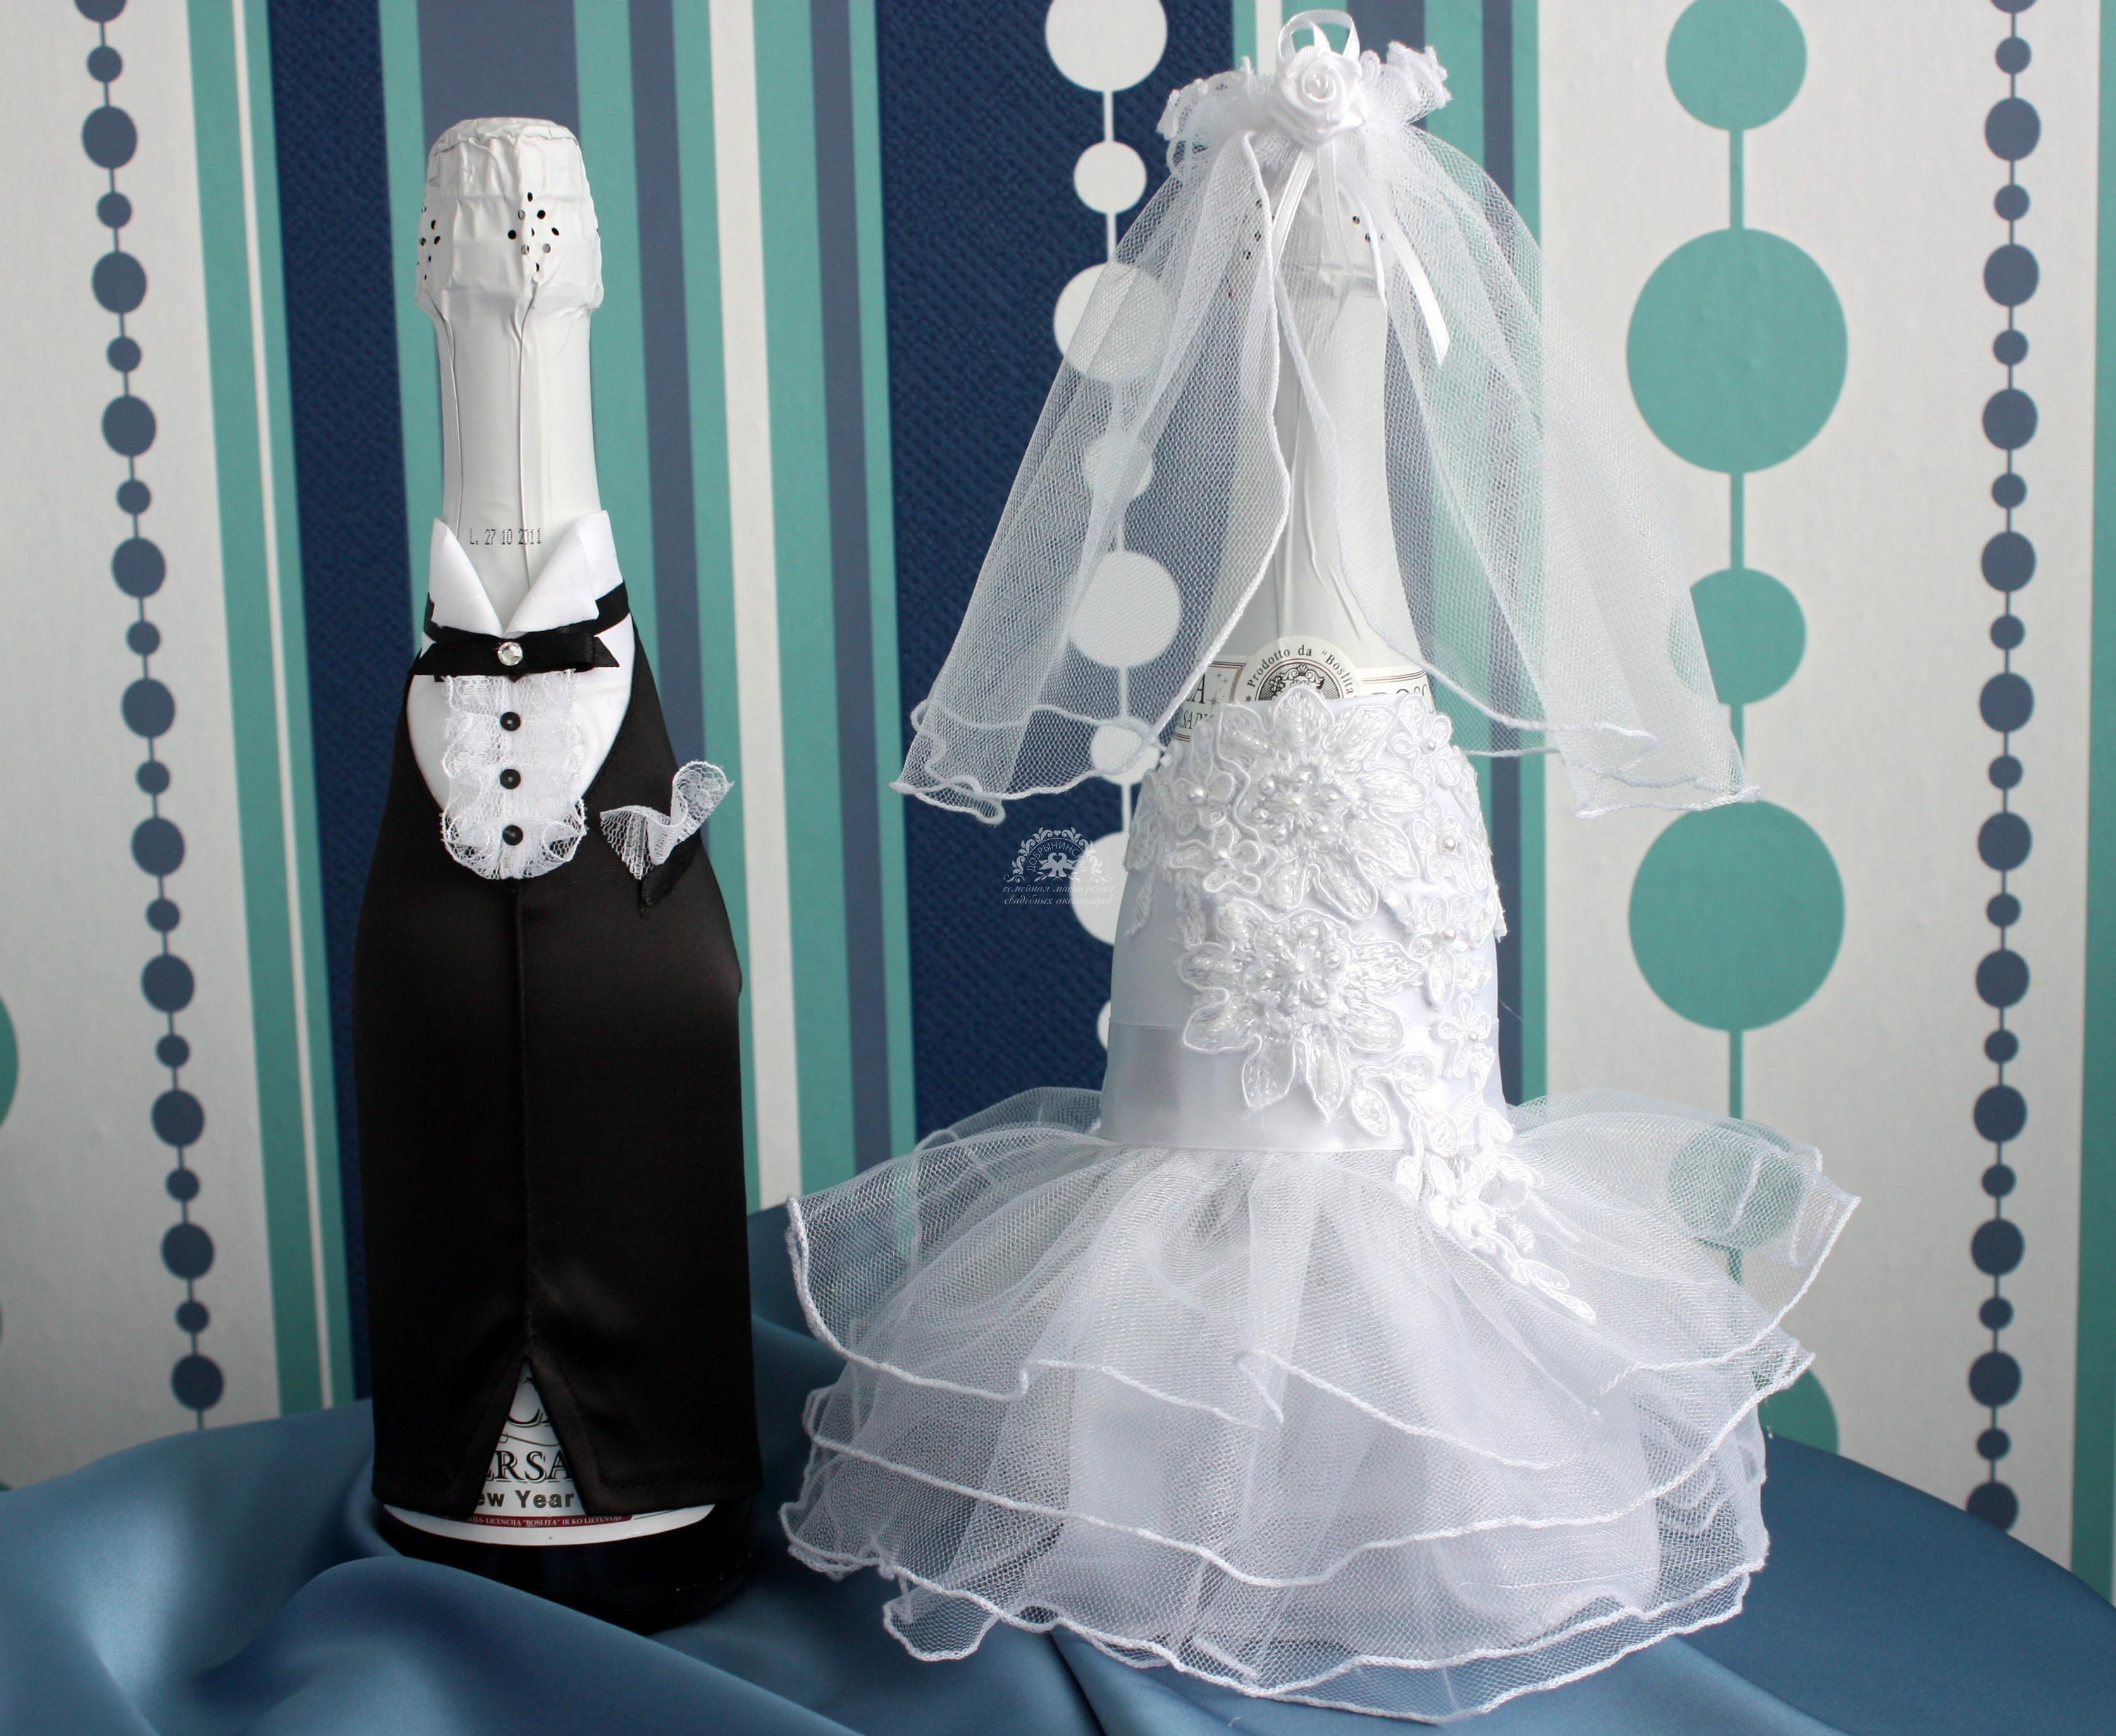 гидроизоляции, защищающей поделки к свадьбе своими руками фото окончания школы, муратова